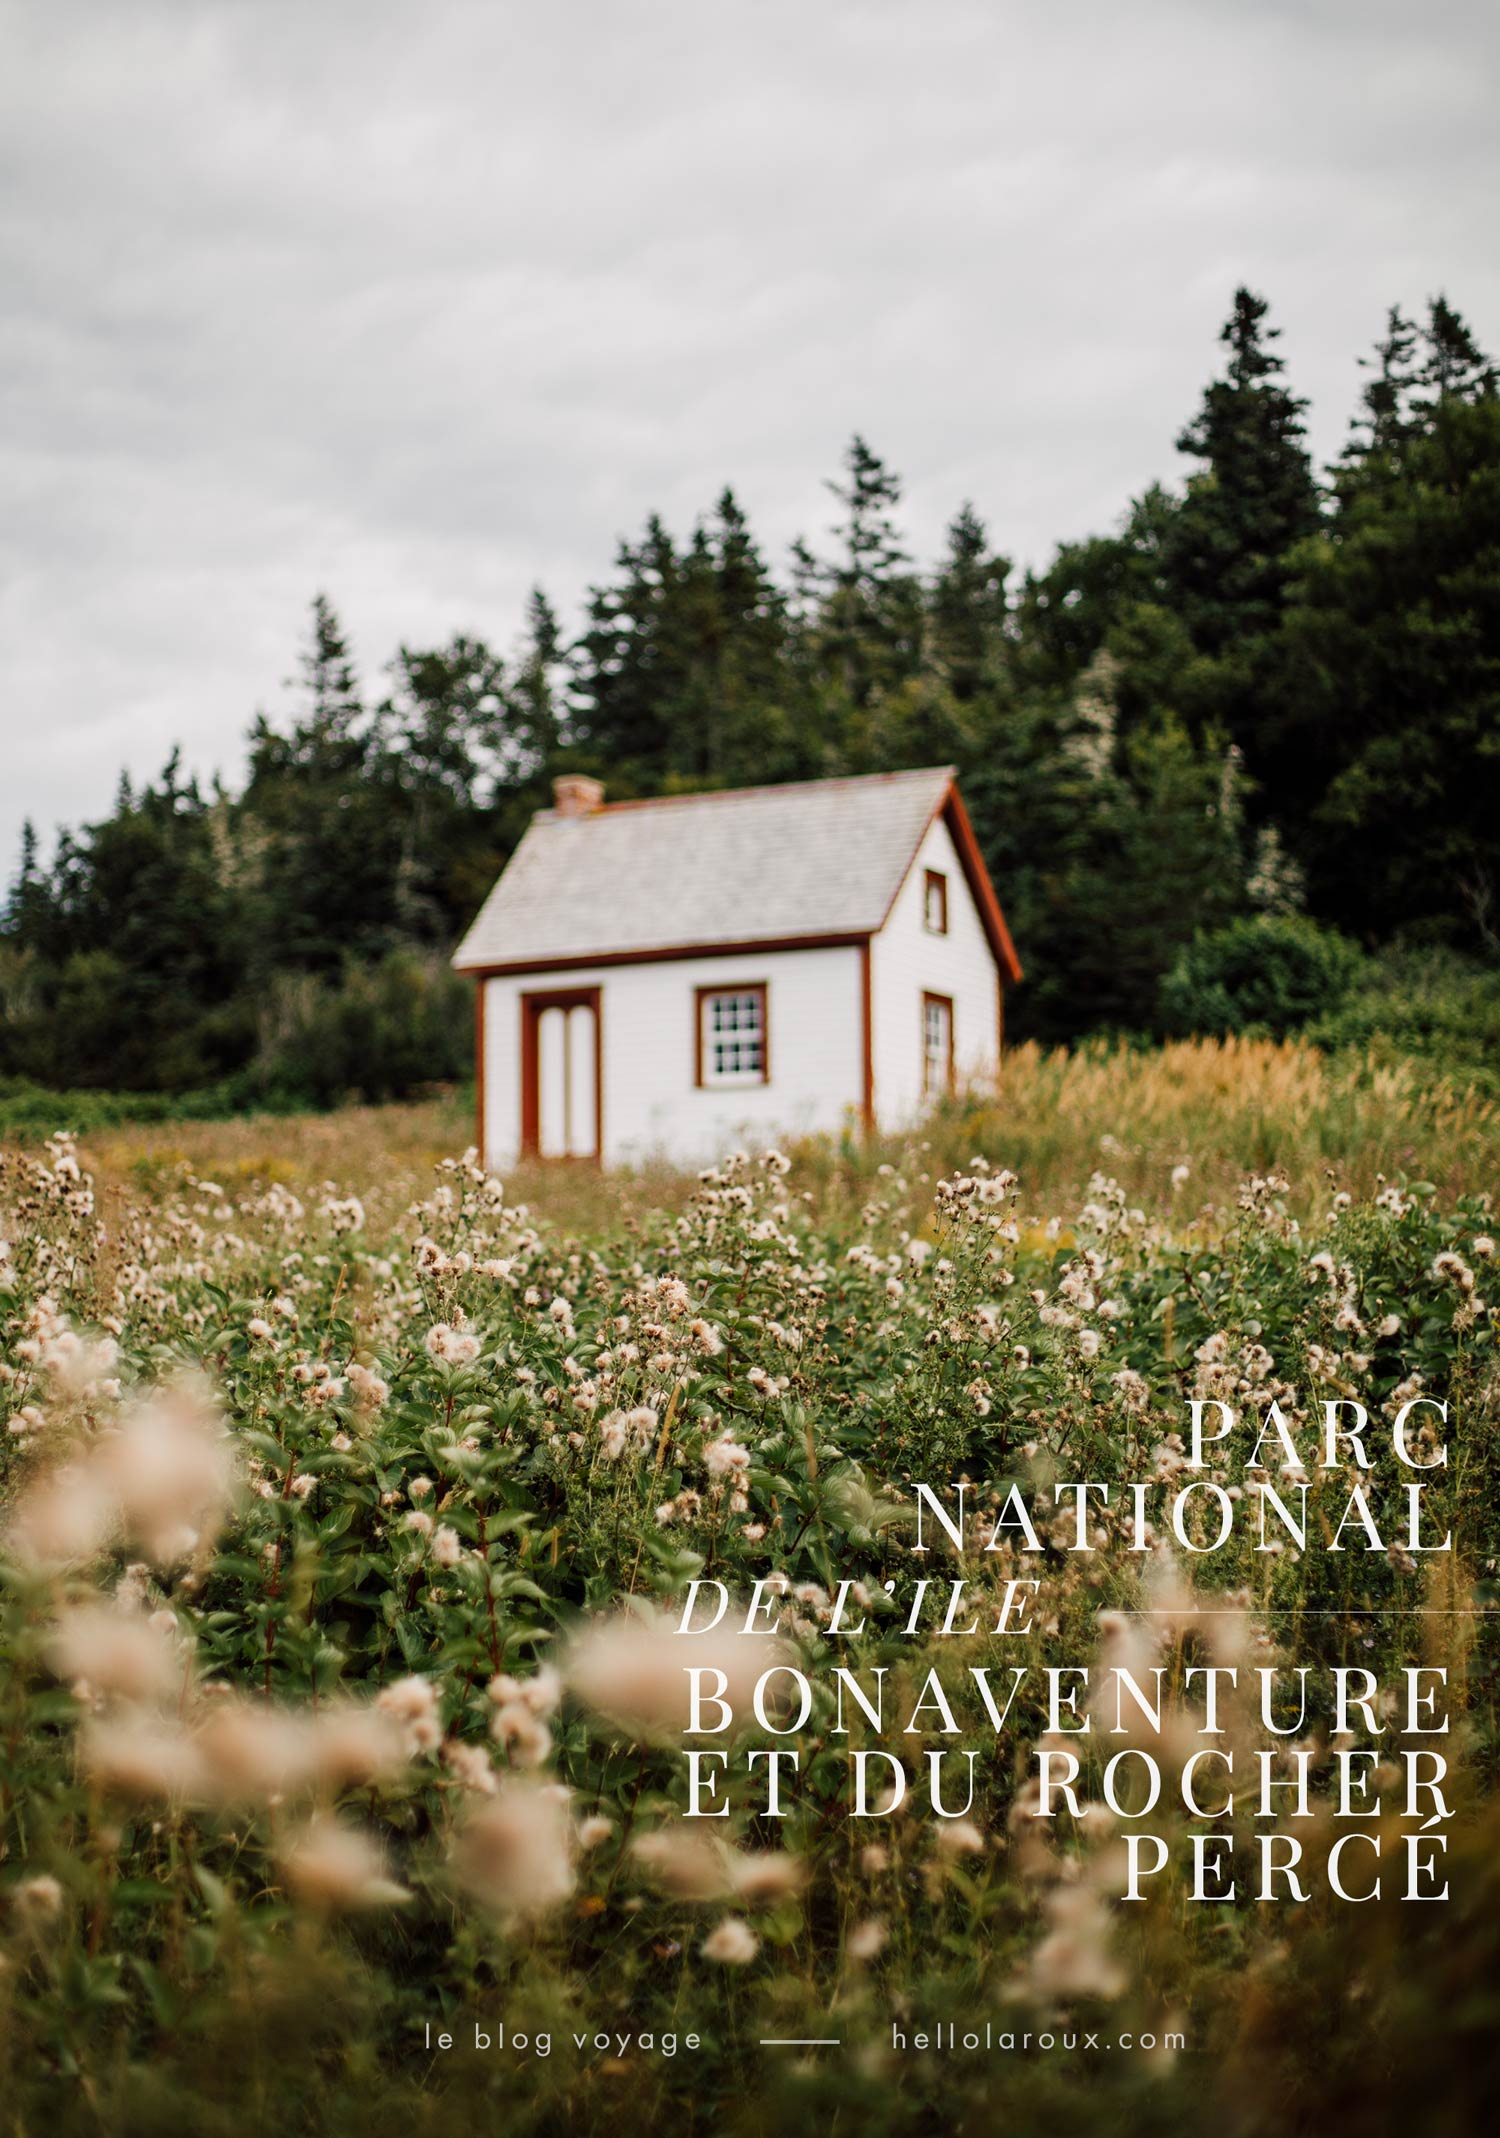 parc national de l'ile bonaventure-et-du-rocher-percé